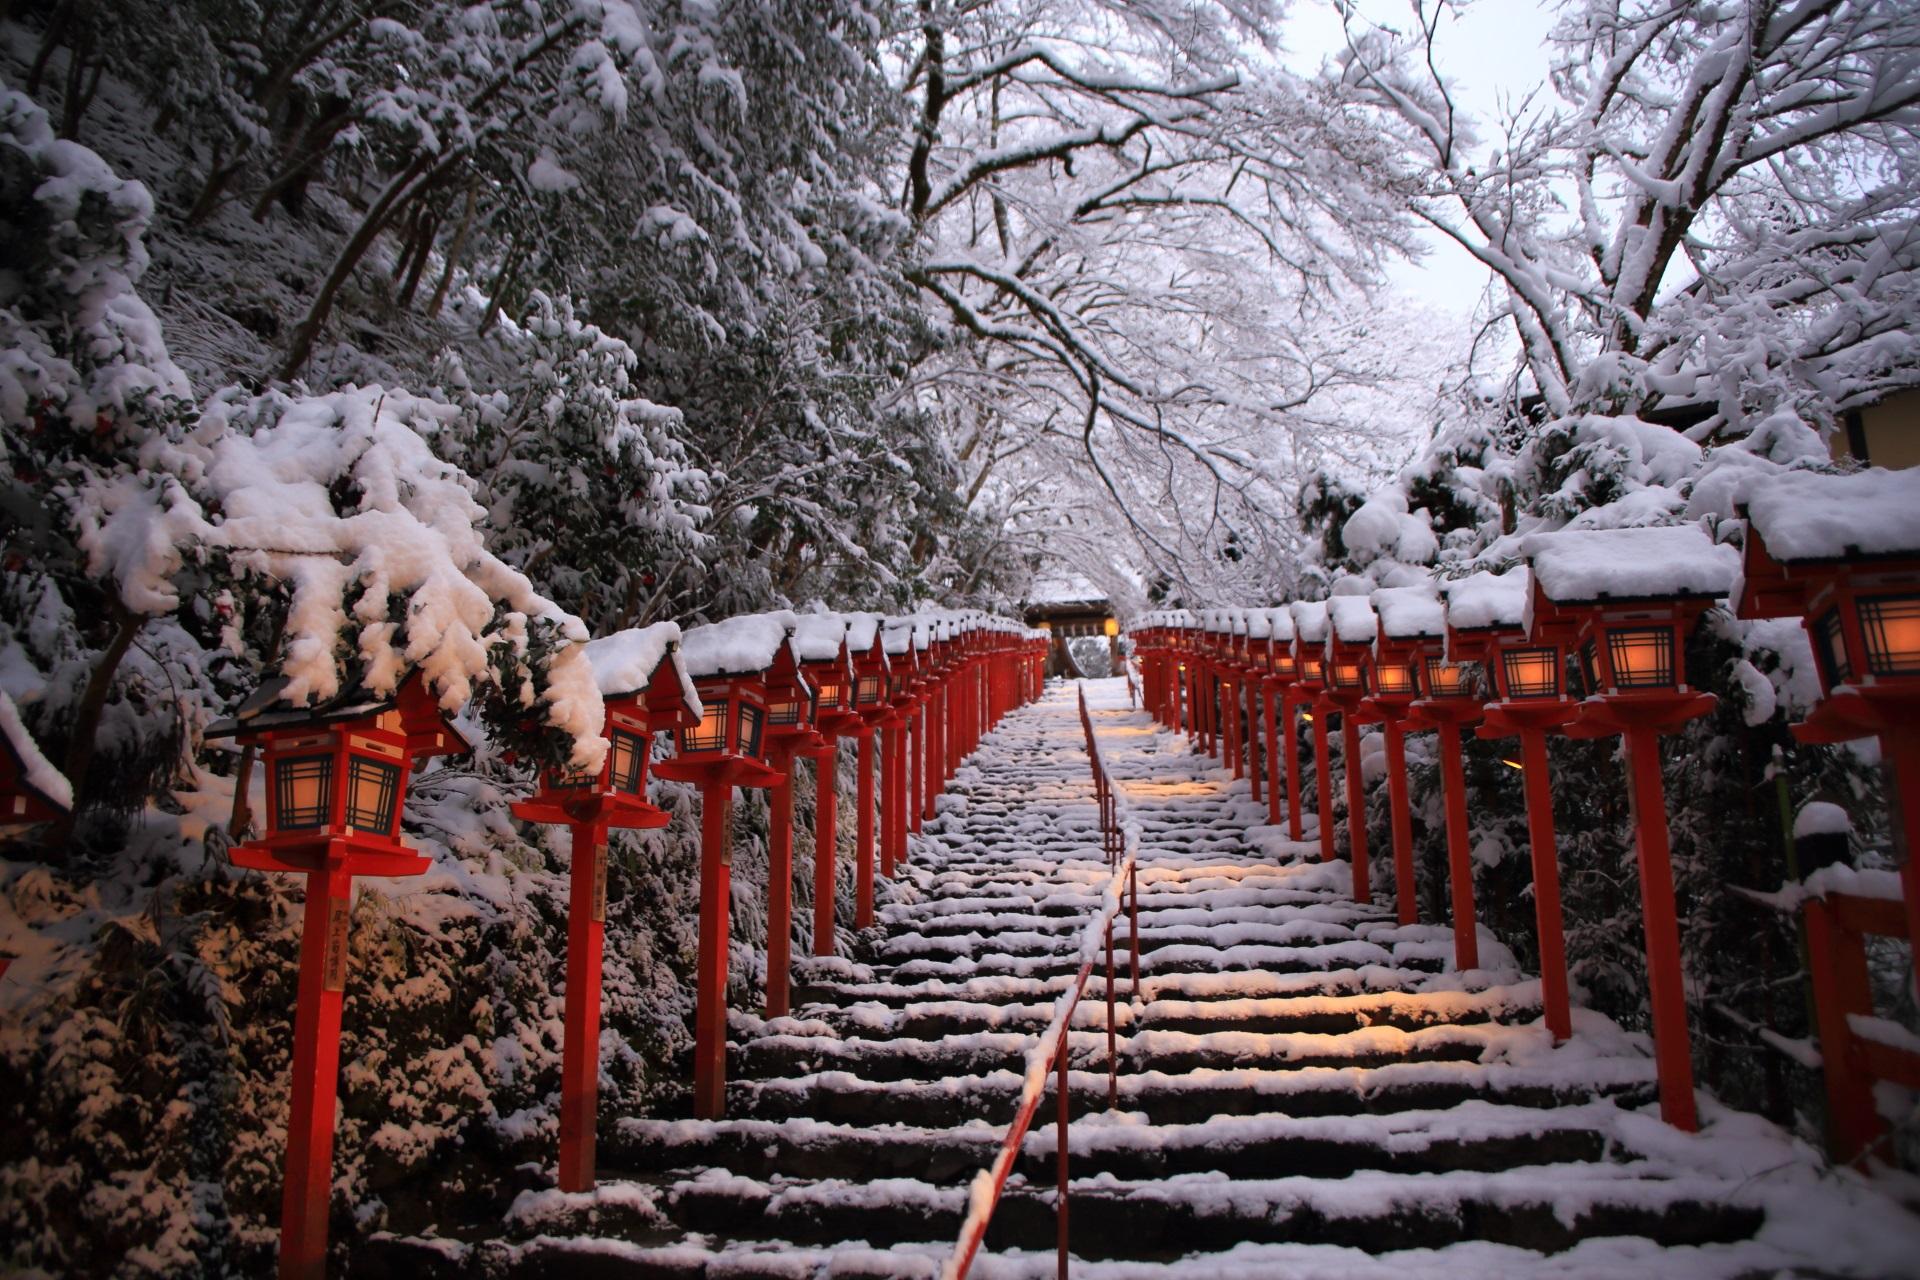 貴船神社の風情ある石段と赤い燈籠の雪景色